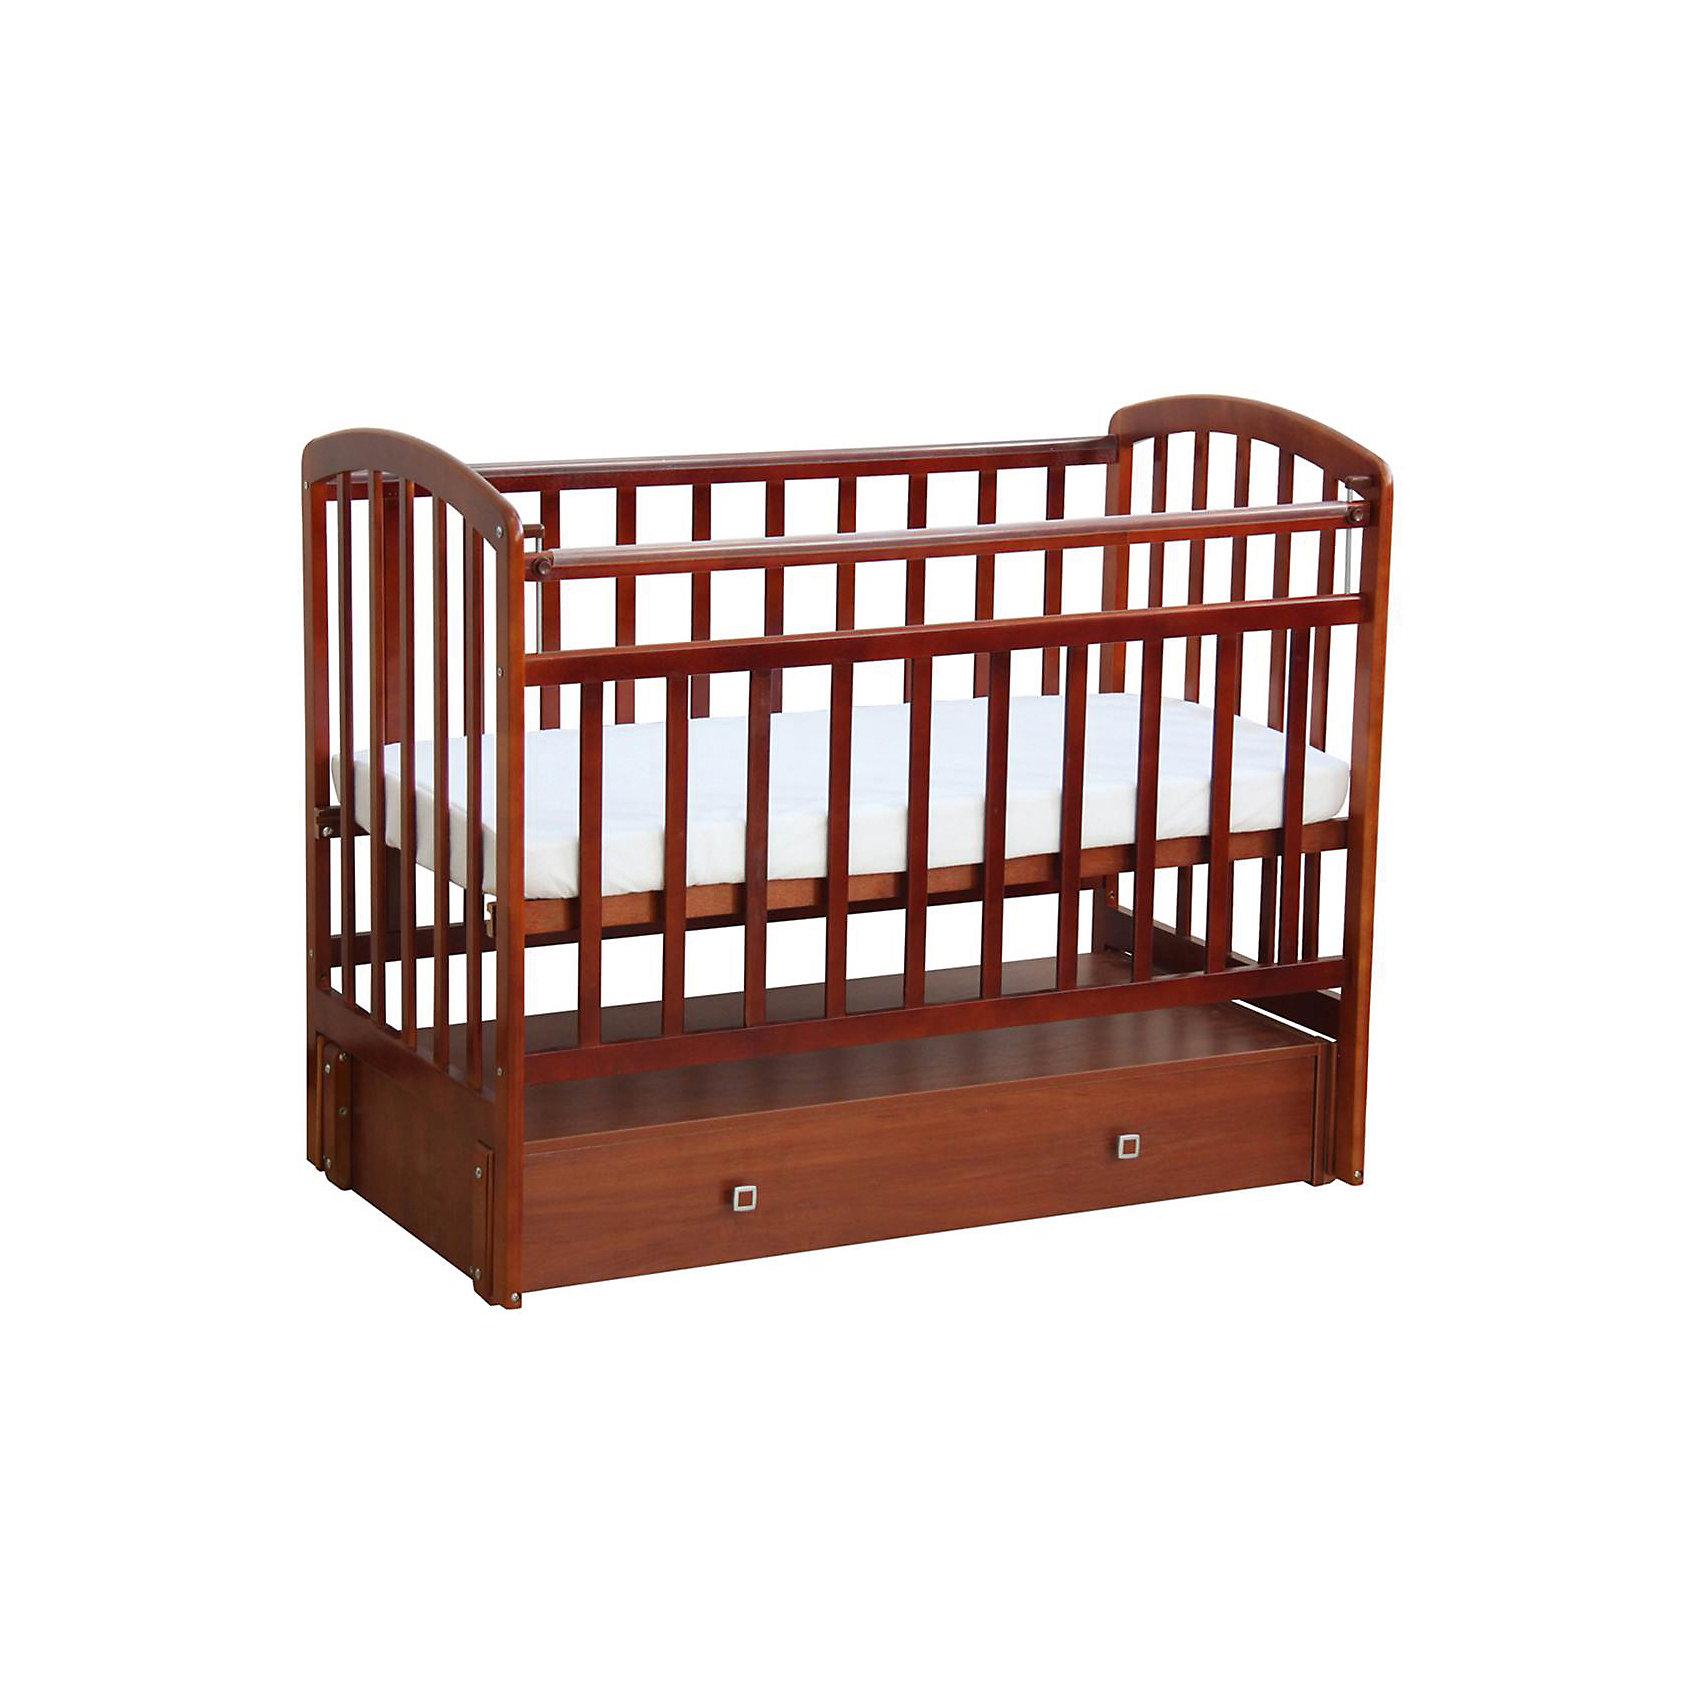 Кроватка 313, продольный маятник, Фея, орехКроватки<br>Детская мебель всегда отличается от взрослой, так как производится с учетом потребностей малышей. Данная кроватка обеспечит удобство и ребенку и маме - она имеет удобный механизм опускания передней планки и пластиковые накладки.<br>В этой модели - маятниковый механизм продольного качания, также есть удобный ящик. Кроватка сделана из качественного дерева, покрытого лаком. Цвет - универсальный, подойдет практически для любого интерьера. Все материалы тщательно подобраны специалистами и безопасны для детей.<br><br>Дополнительная информация:<br><br>цвет: орех;<br>материал: дерево, лак;<br>передняя планка удобно опускается;<br>выдвижной ящик;<br>ложе имеет 2 положения;<br>пластиковые накладки;<br>размер: 125 х 75 х 104 см ;<br>ложе: 60 на 120 см;<br>вес: 30 кг.<br><br>Кроватку 313 торговой марки Фея можно купить в нашем магазине.<br><br>Ширина мм: 750<br>Глубина мм: 1037<br>Высота мм: 1265<br>Вес г: 30500<br>Возраст от месяцев: 0<br>Возраст до месяцев: 36<br>Пол: Унисекс<br>Возраст: Детский<br>SKU: 4873615